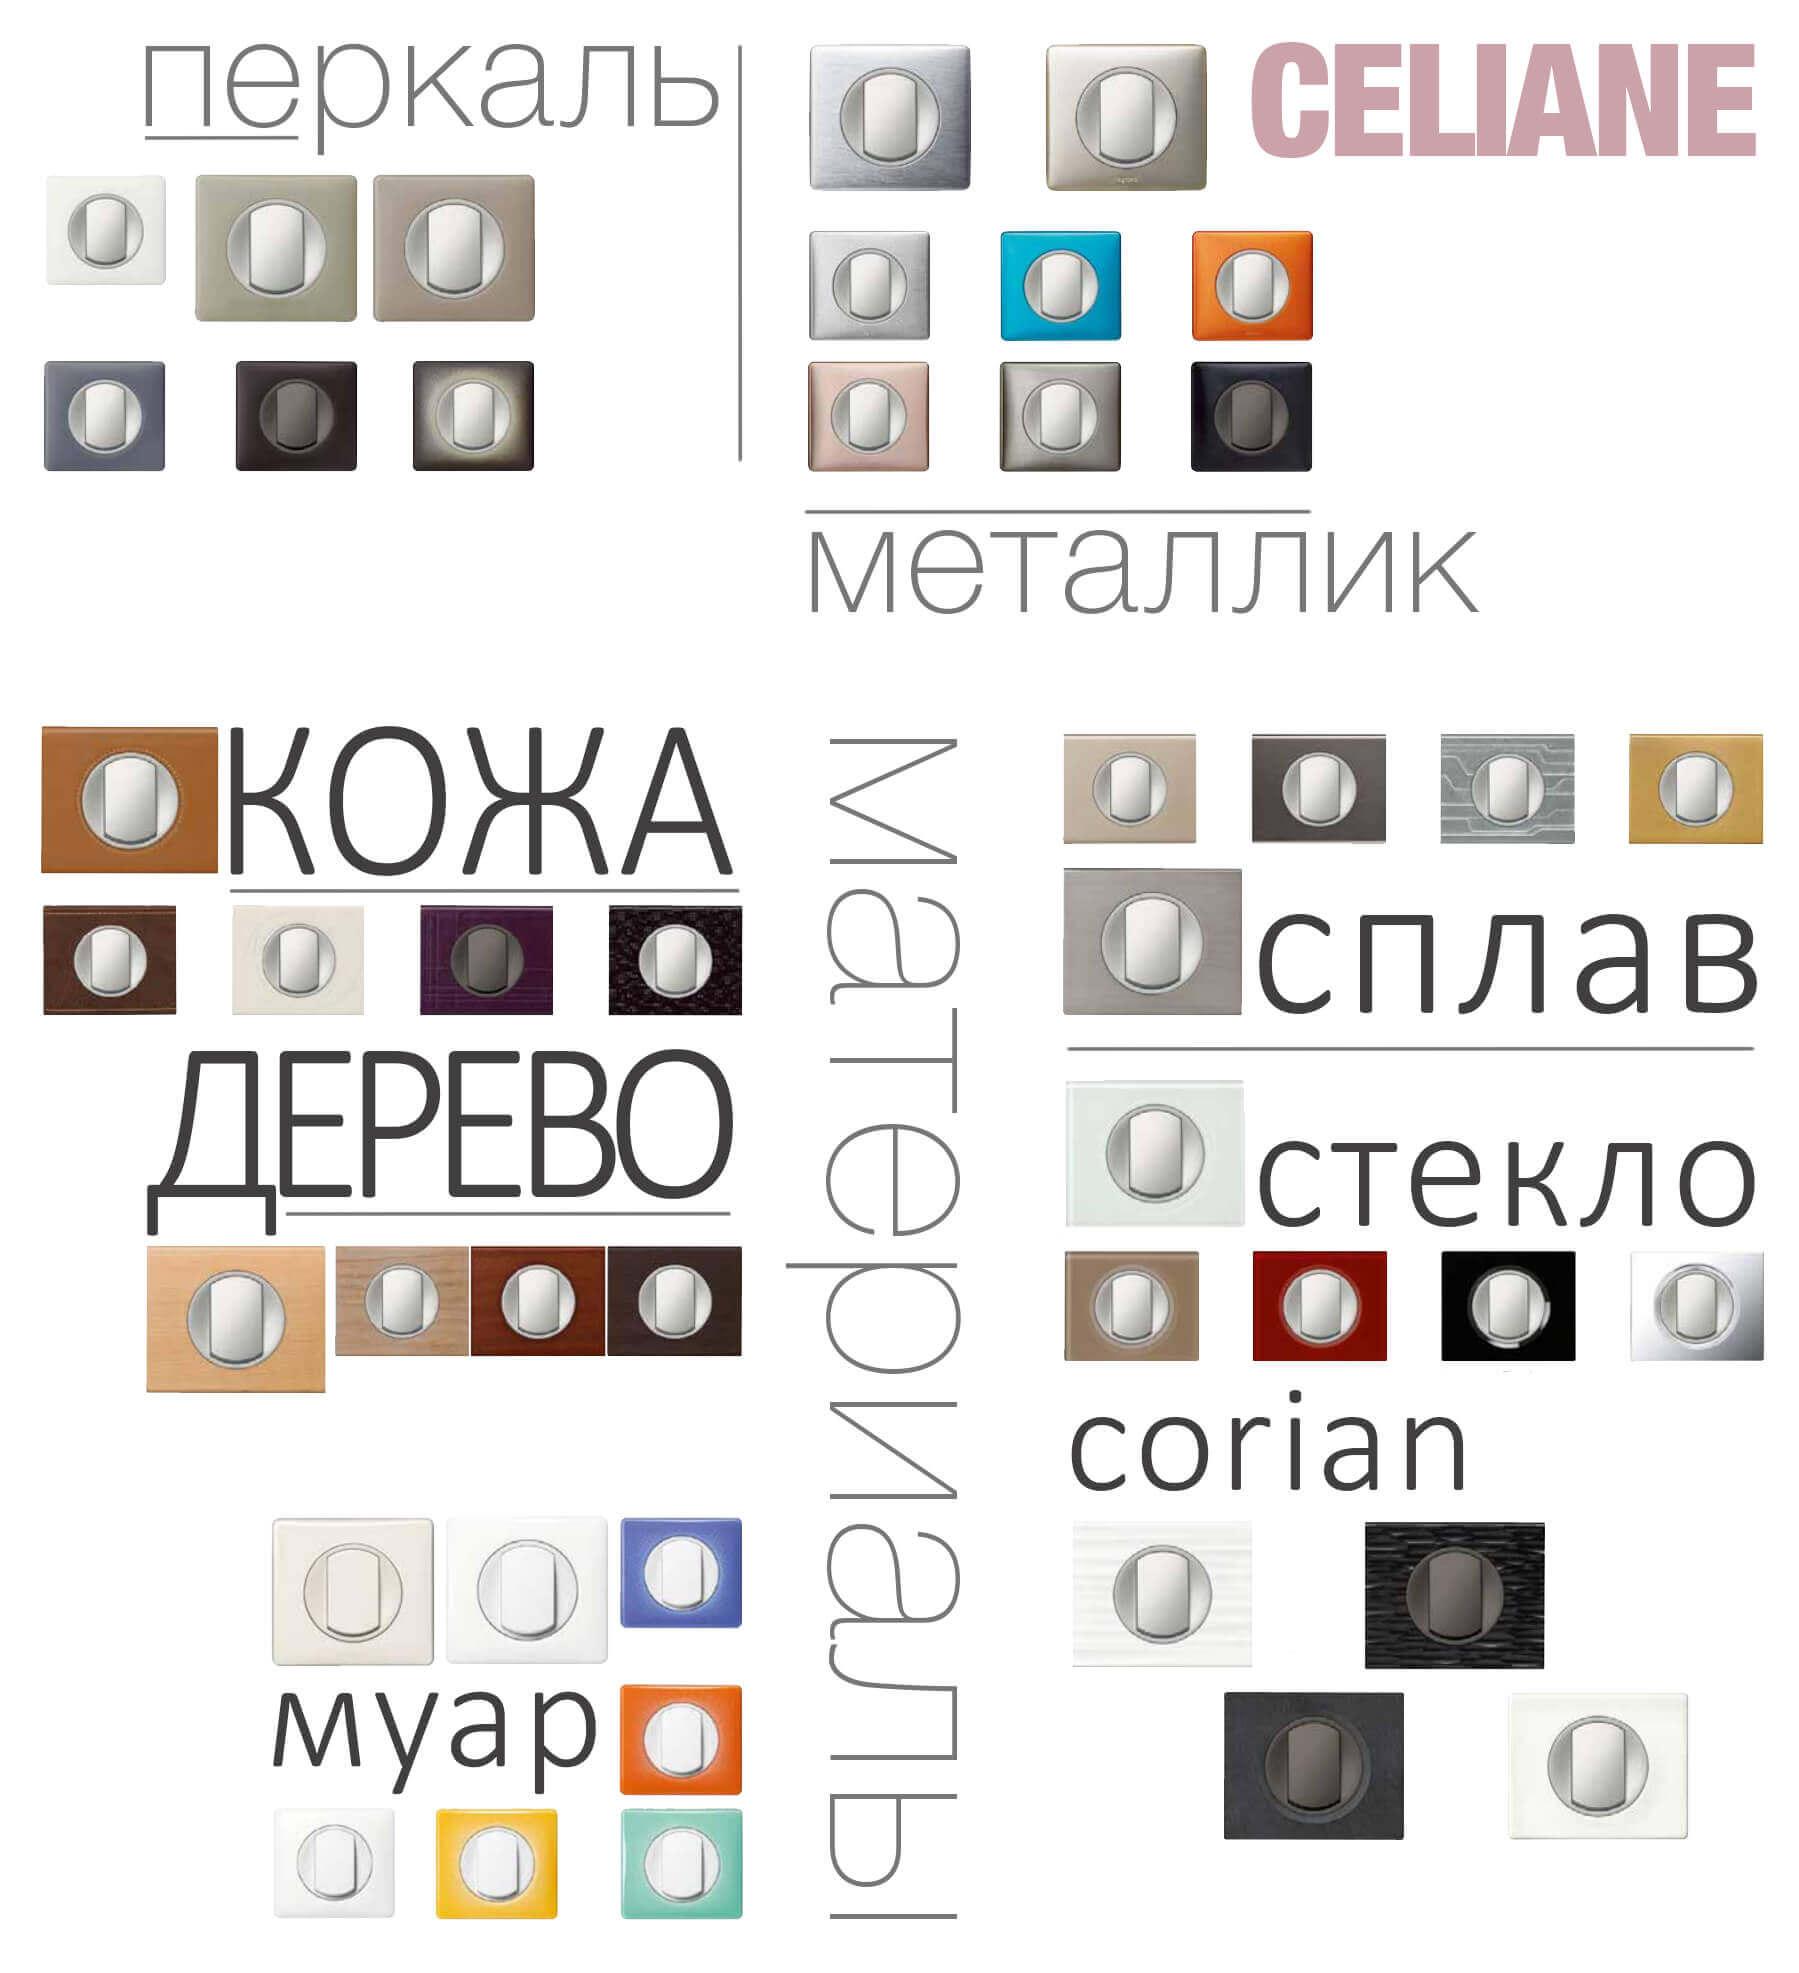 Материалы и цветовые решения Celiane